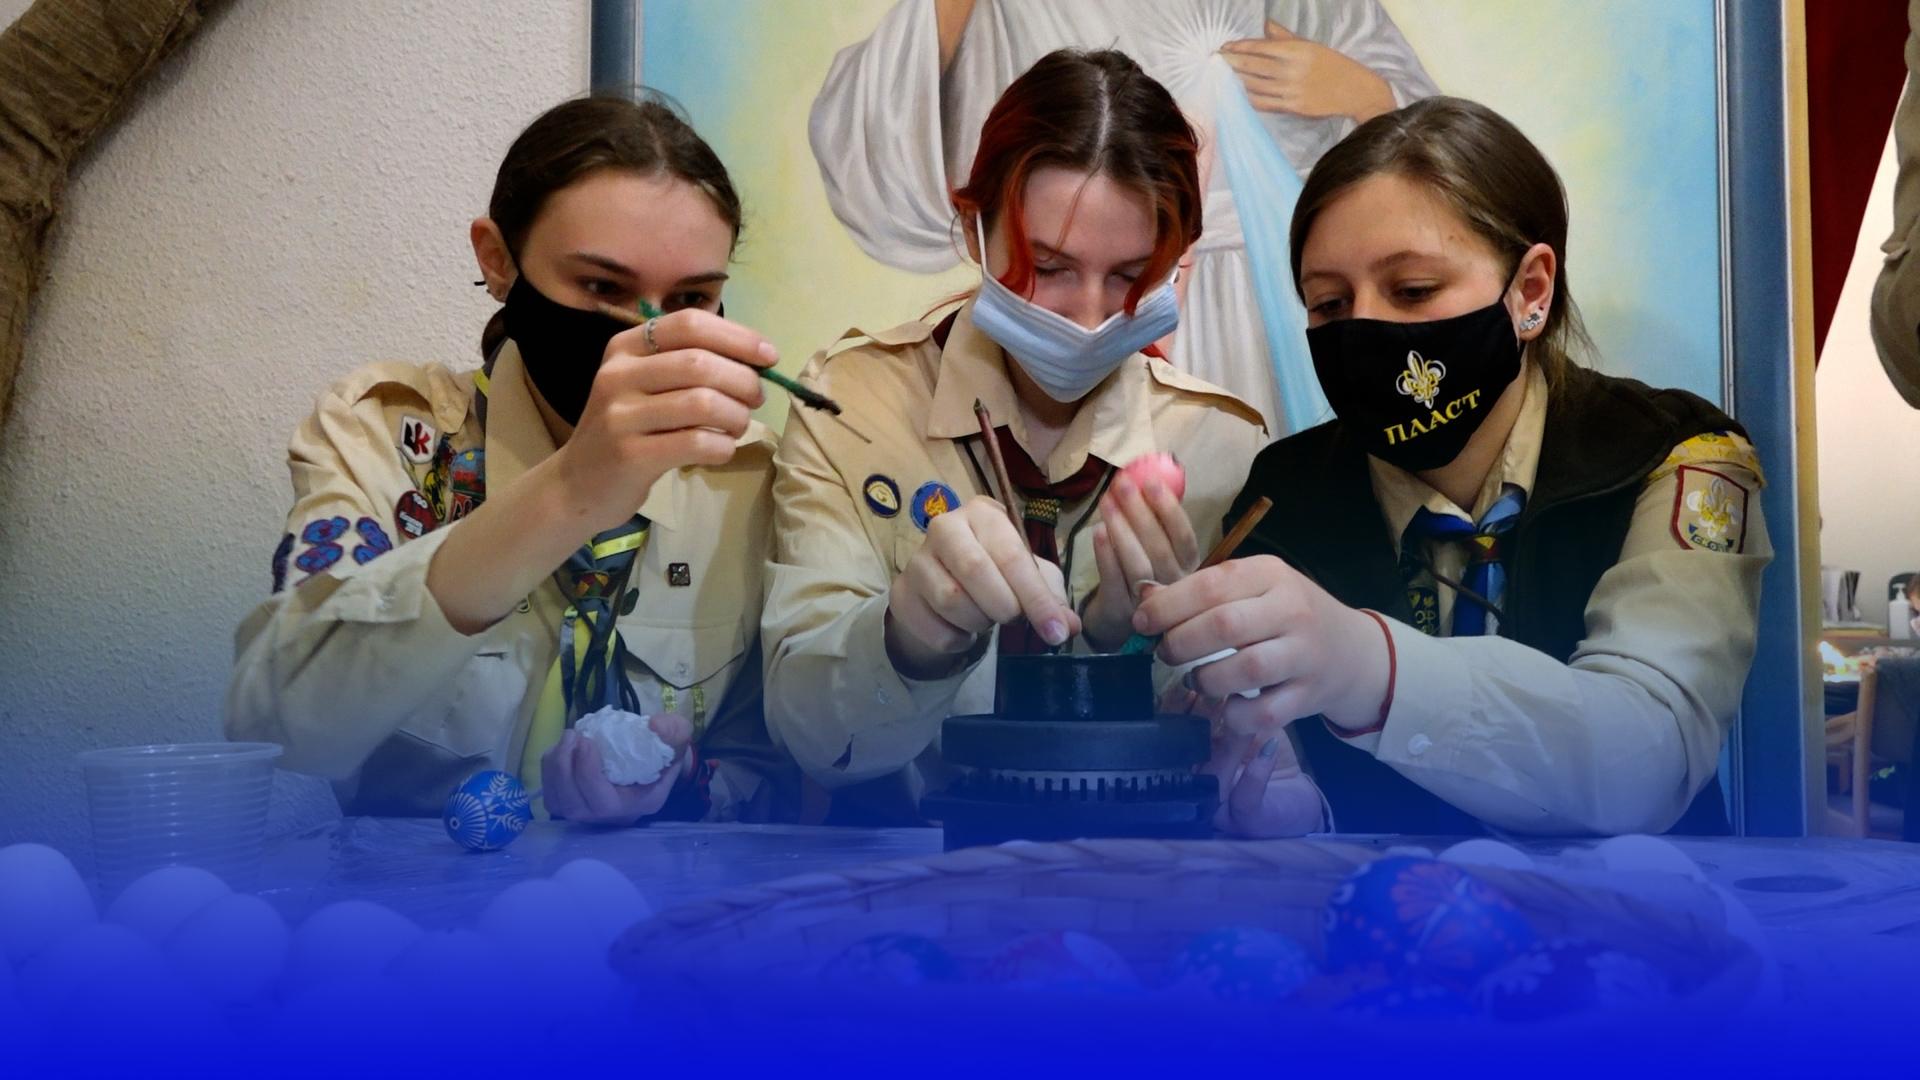 """""""Великодня веселка"""": Контінентал Фармерз Груп щорічно проводить майстер-класи із писанкарства"""